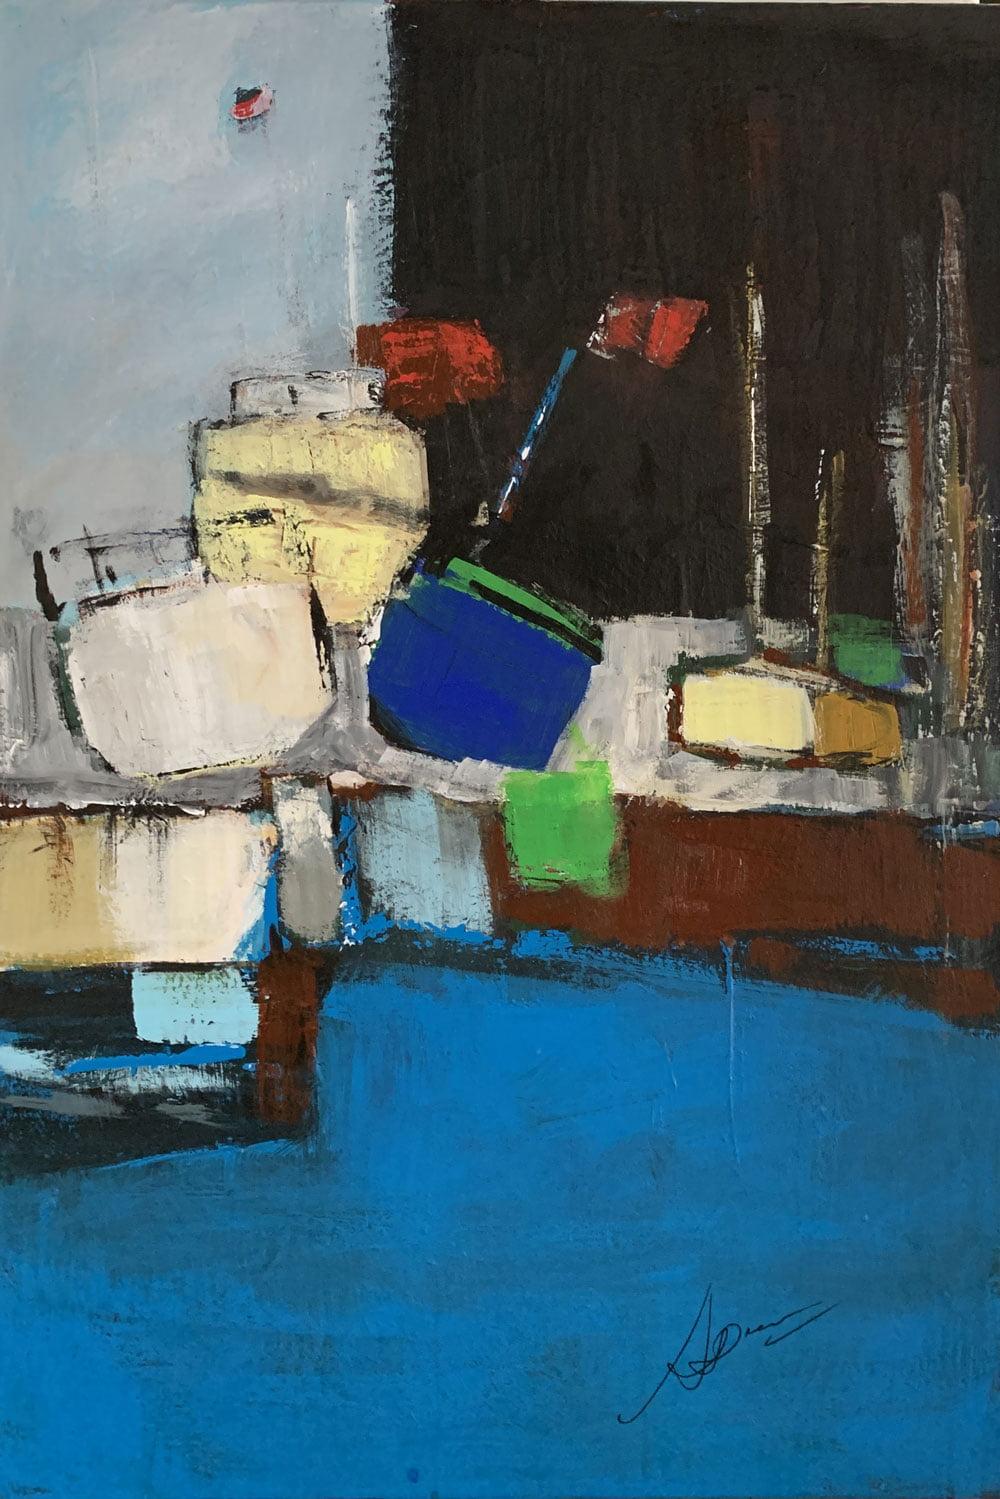 Echoues dromard Galerie 21